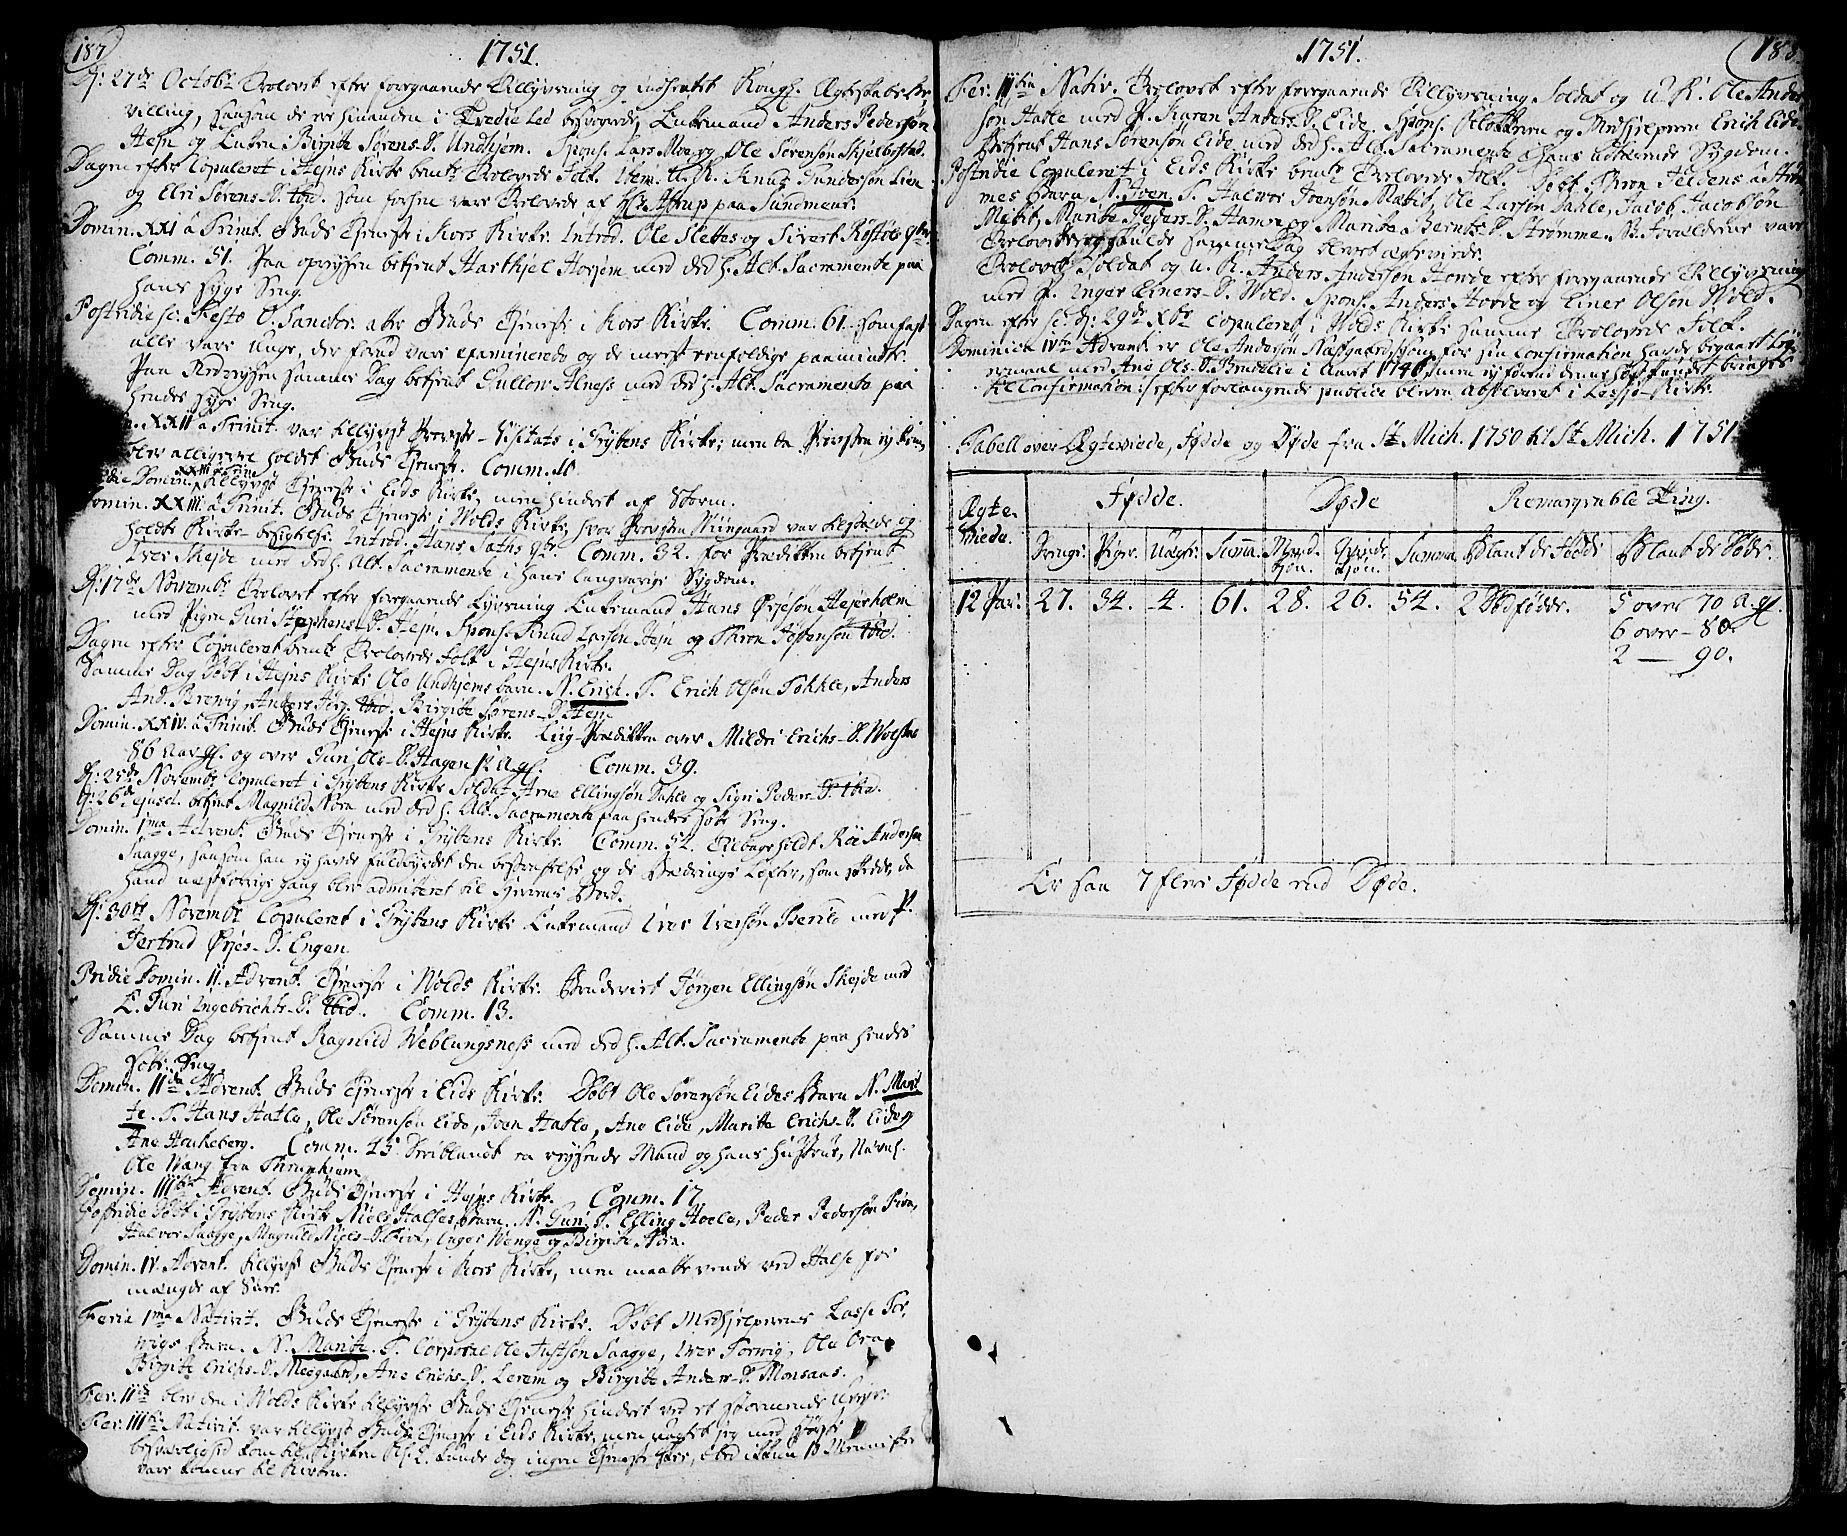 SAT, Ministerialprotokoller, klokkerbøker og fødselsregistre - Møre og Romsdal, 544/L0568: Ministerialbok nr. 544A01, 1725-1763, s. 187-188